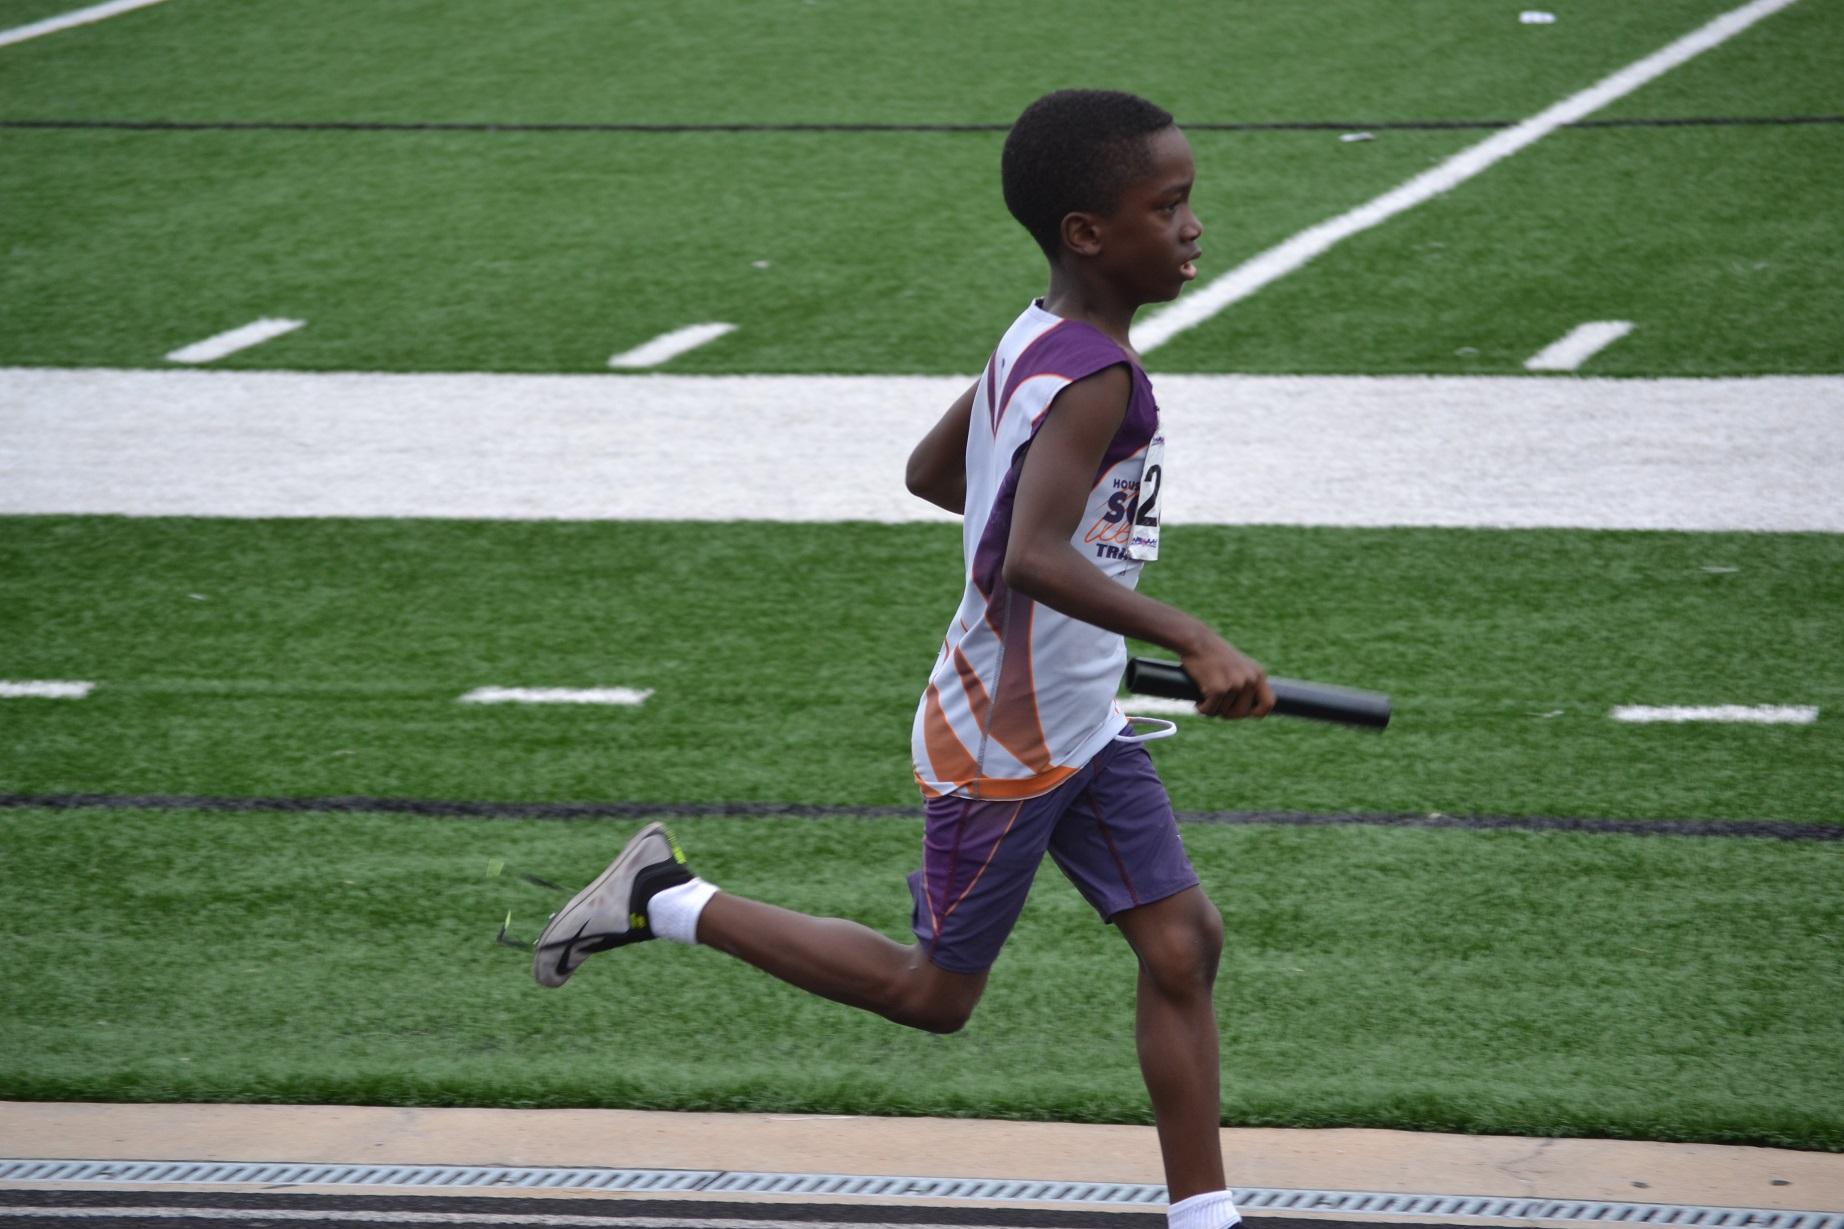 Joshua running the 4x400 relay